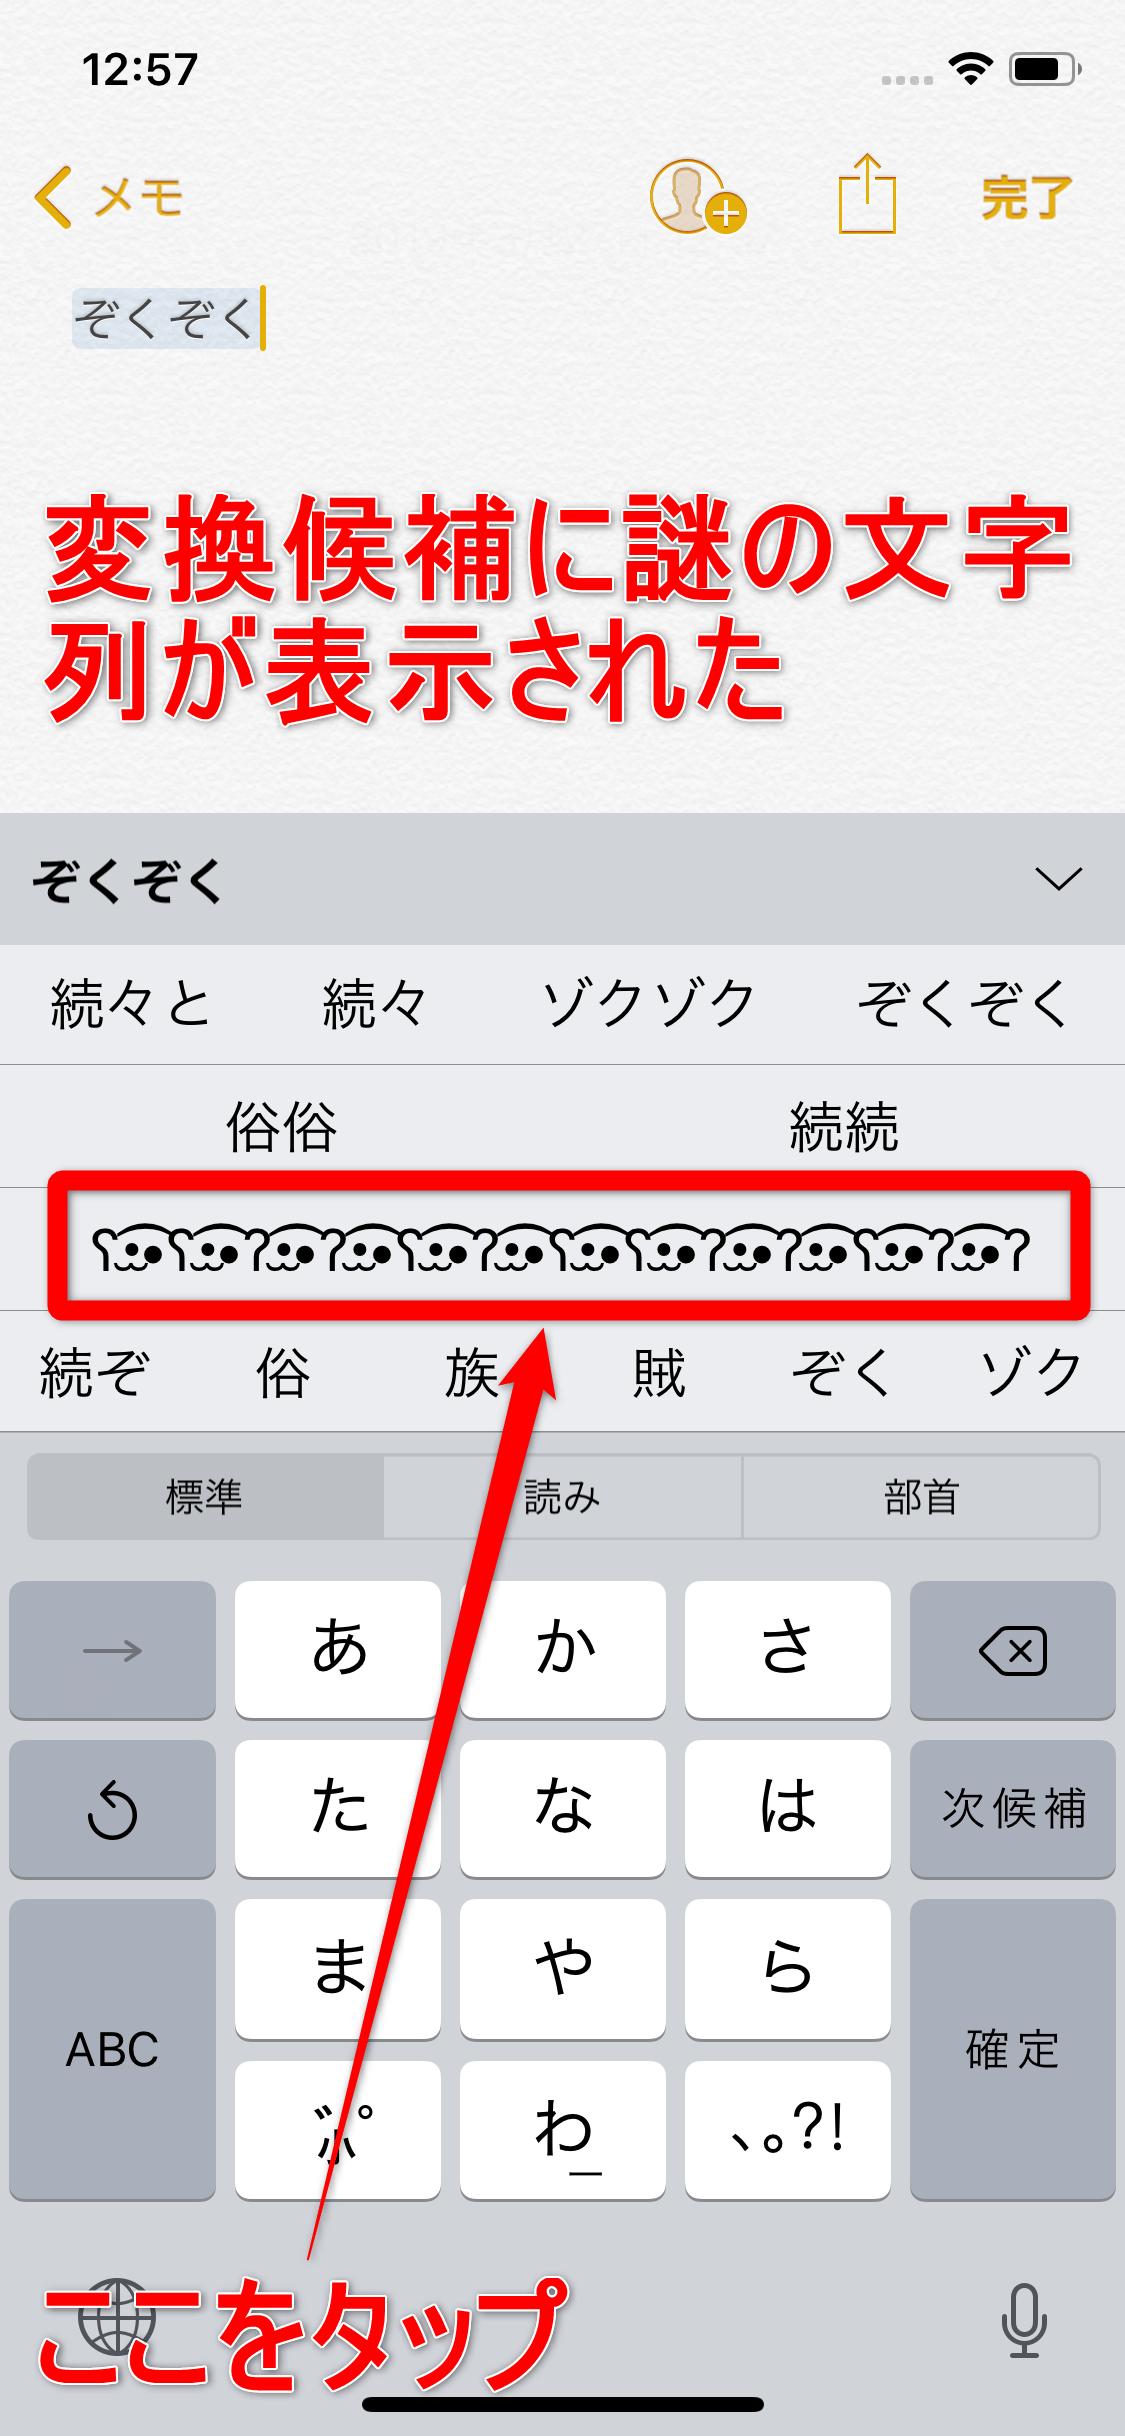 iPhone(アイフォーン)のメモアプリで「ぞくぞく」と入力して変換候補を開いた画面